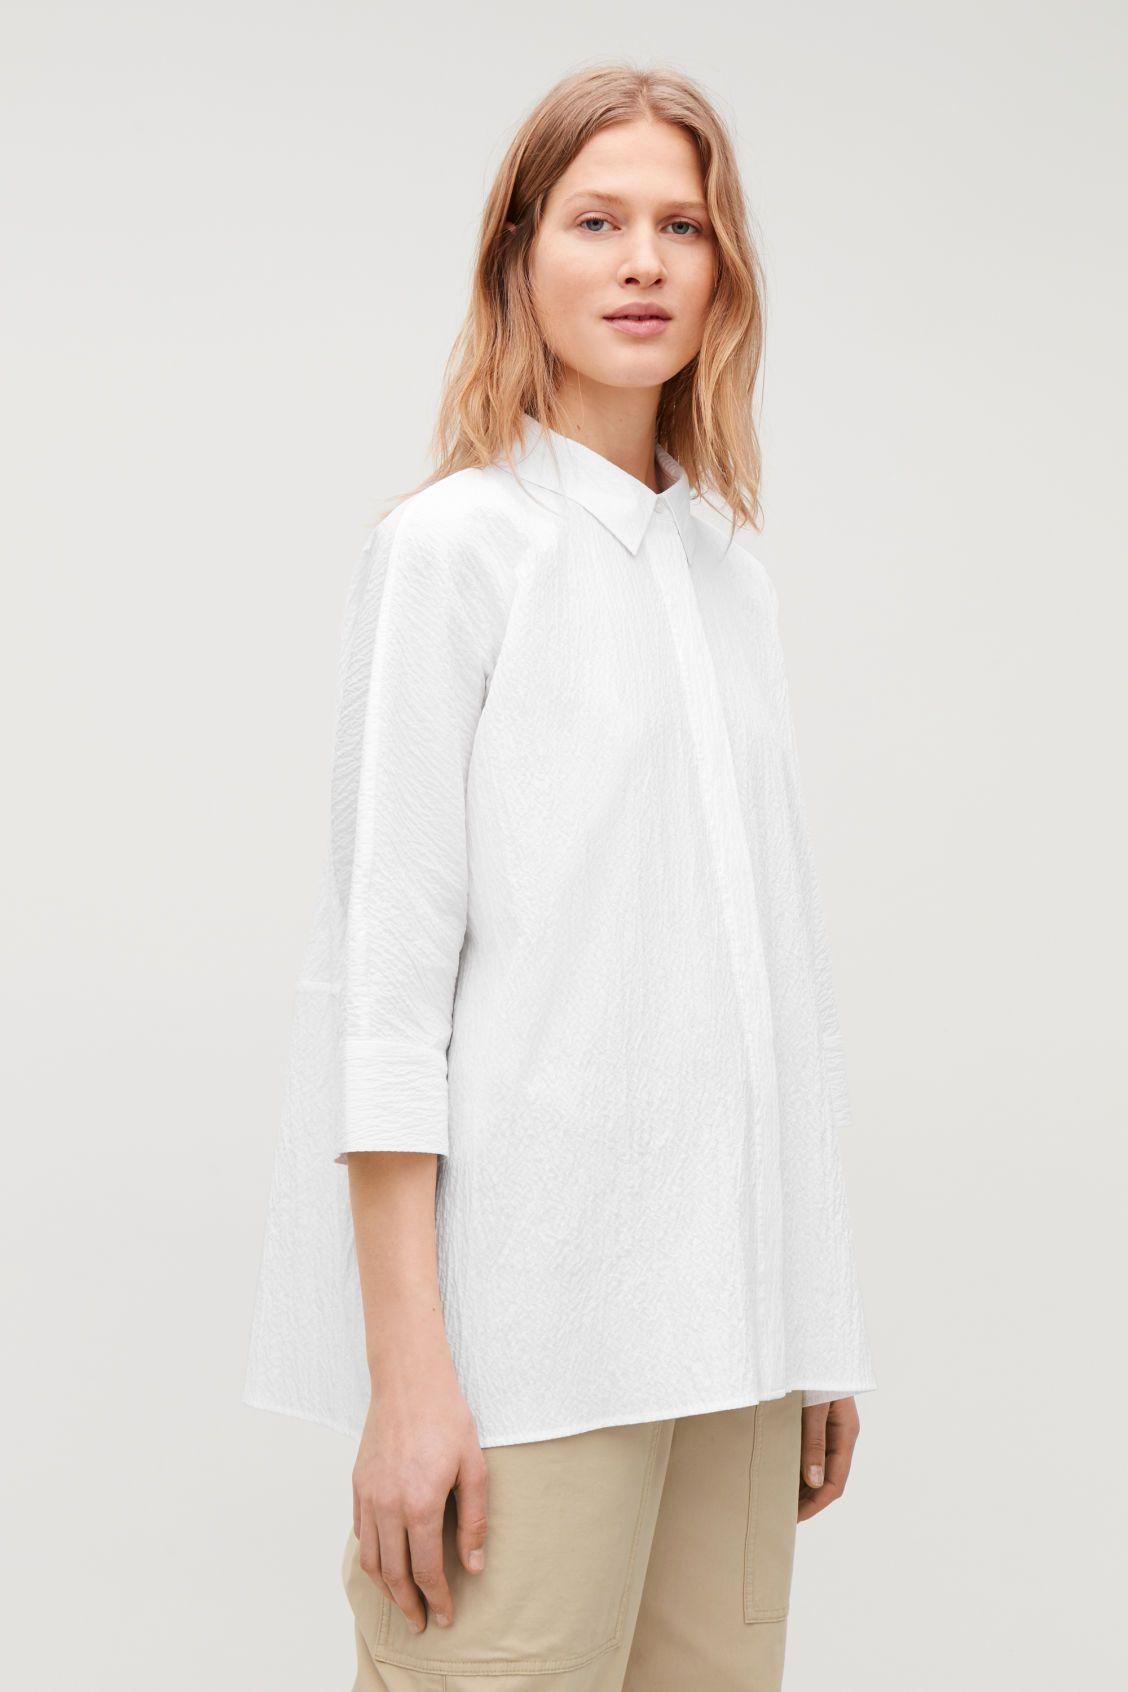 Loose Fit Seersucker Shirt White Tops Cos Seersucker Shirt